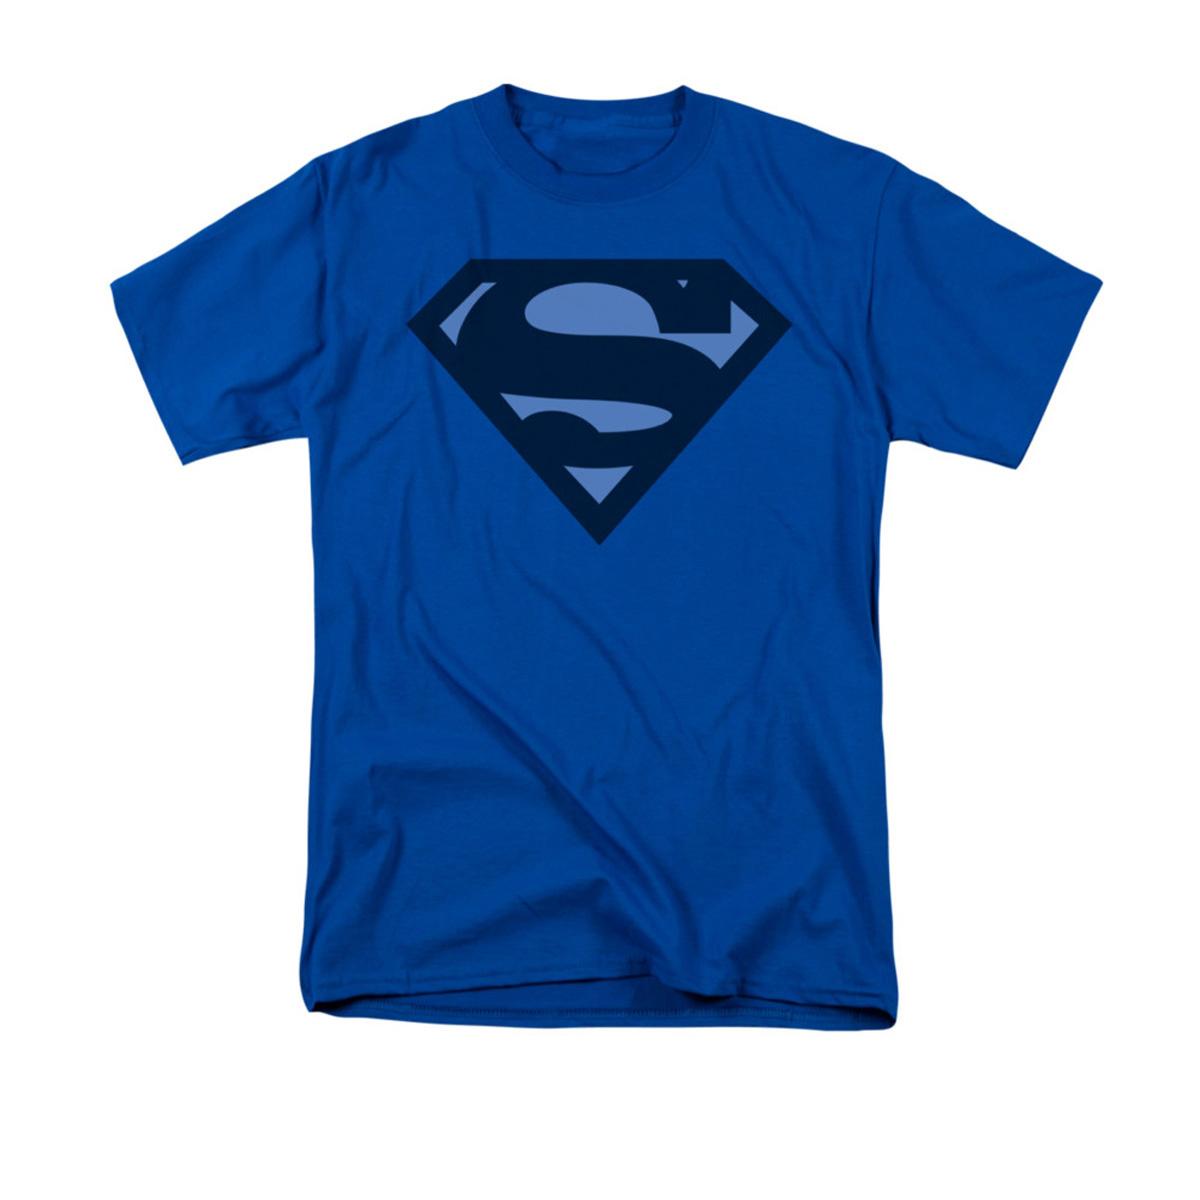 Sheldon's Blue Shield Superman T-shirt